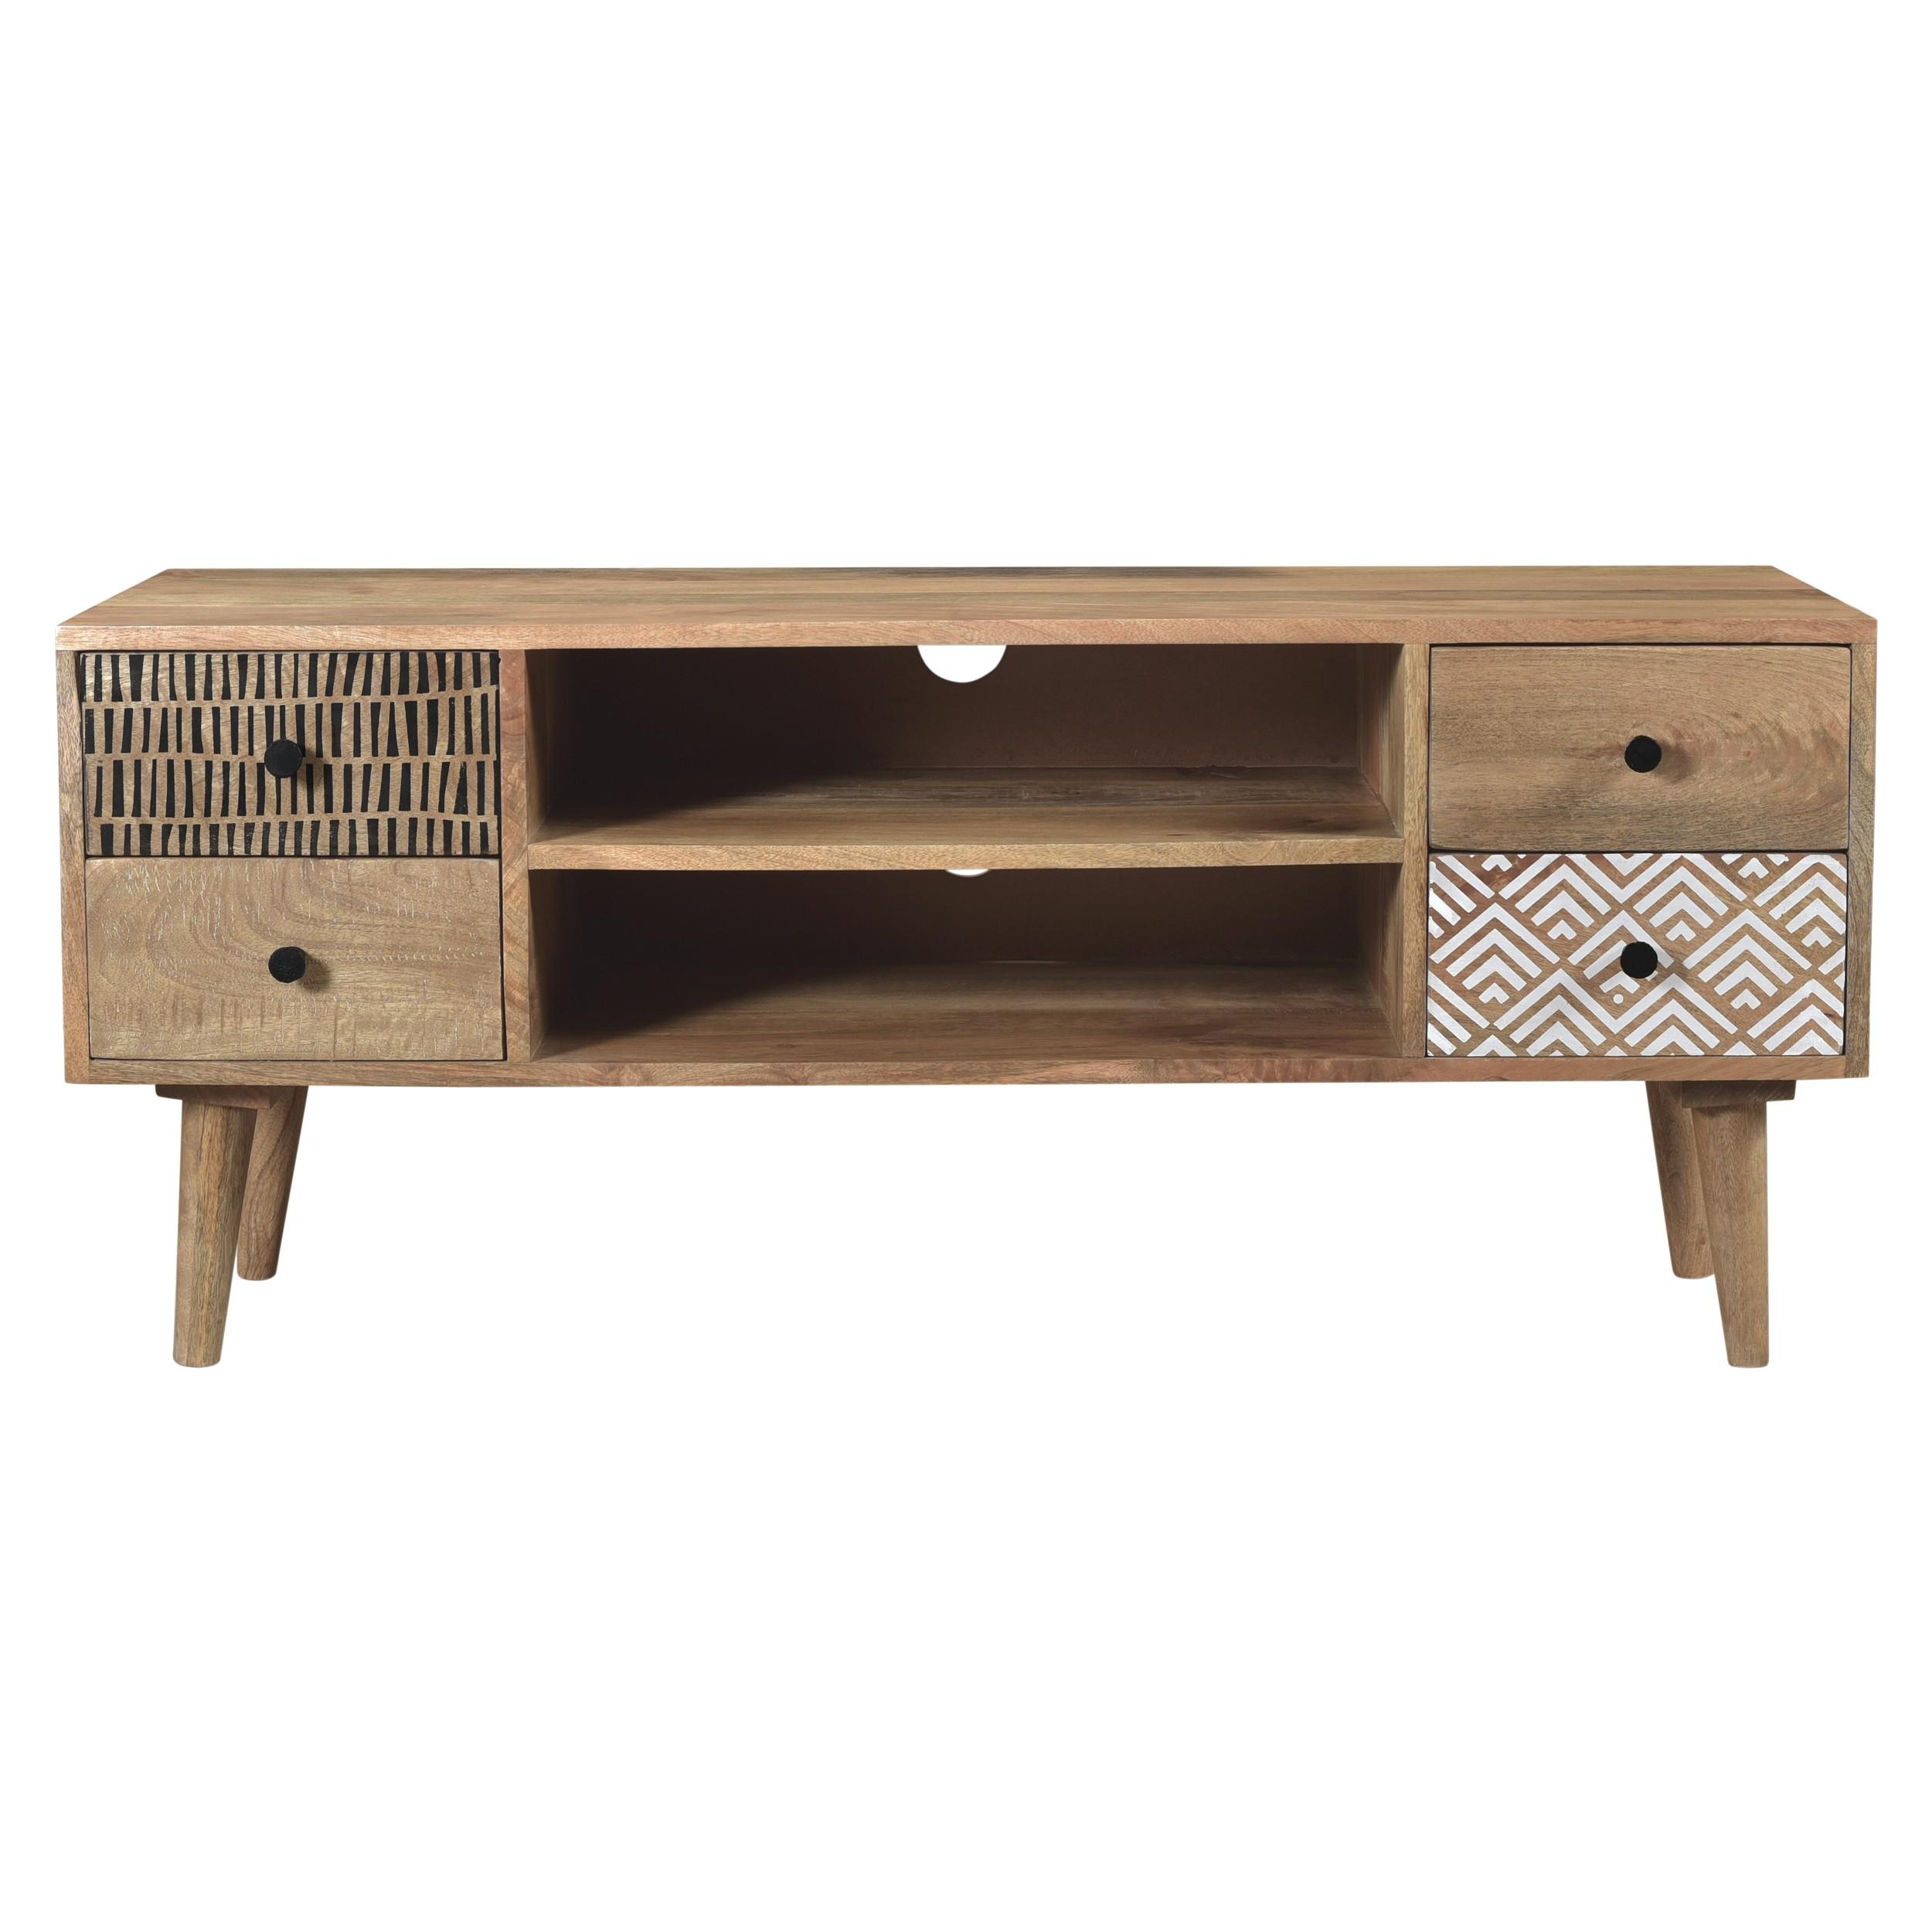 acheter meuble tv bois clair brut